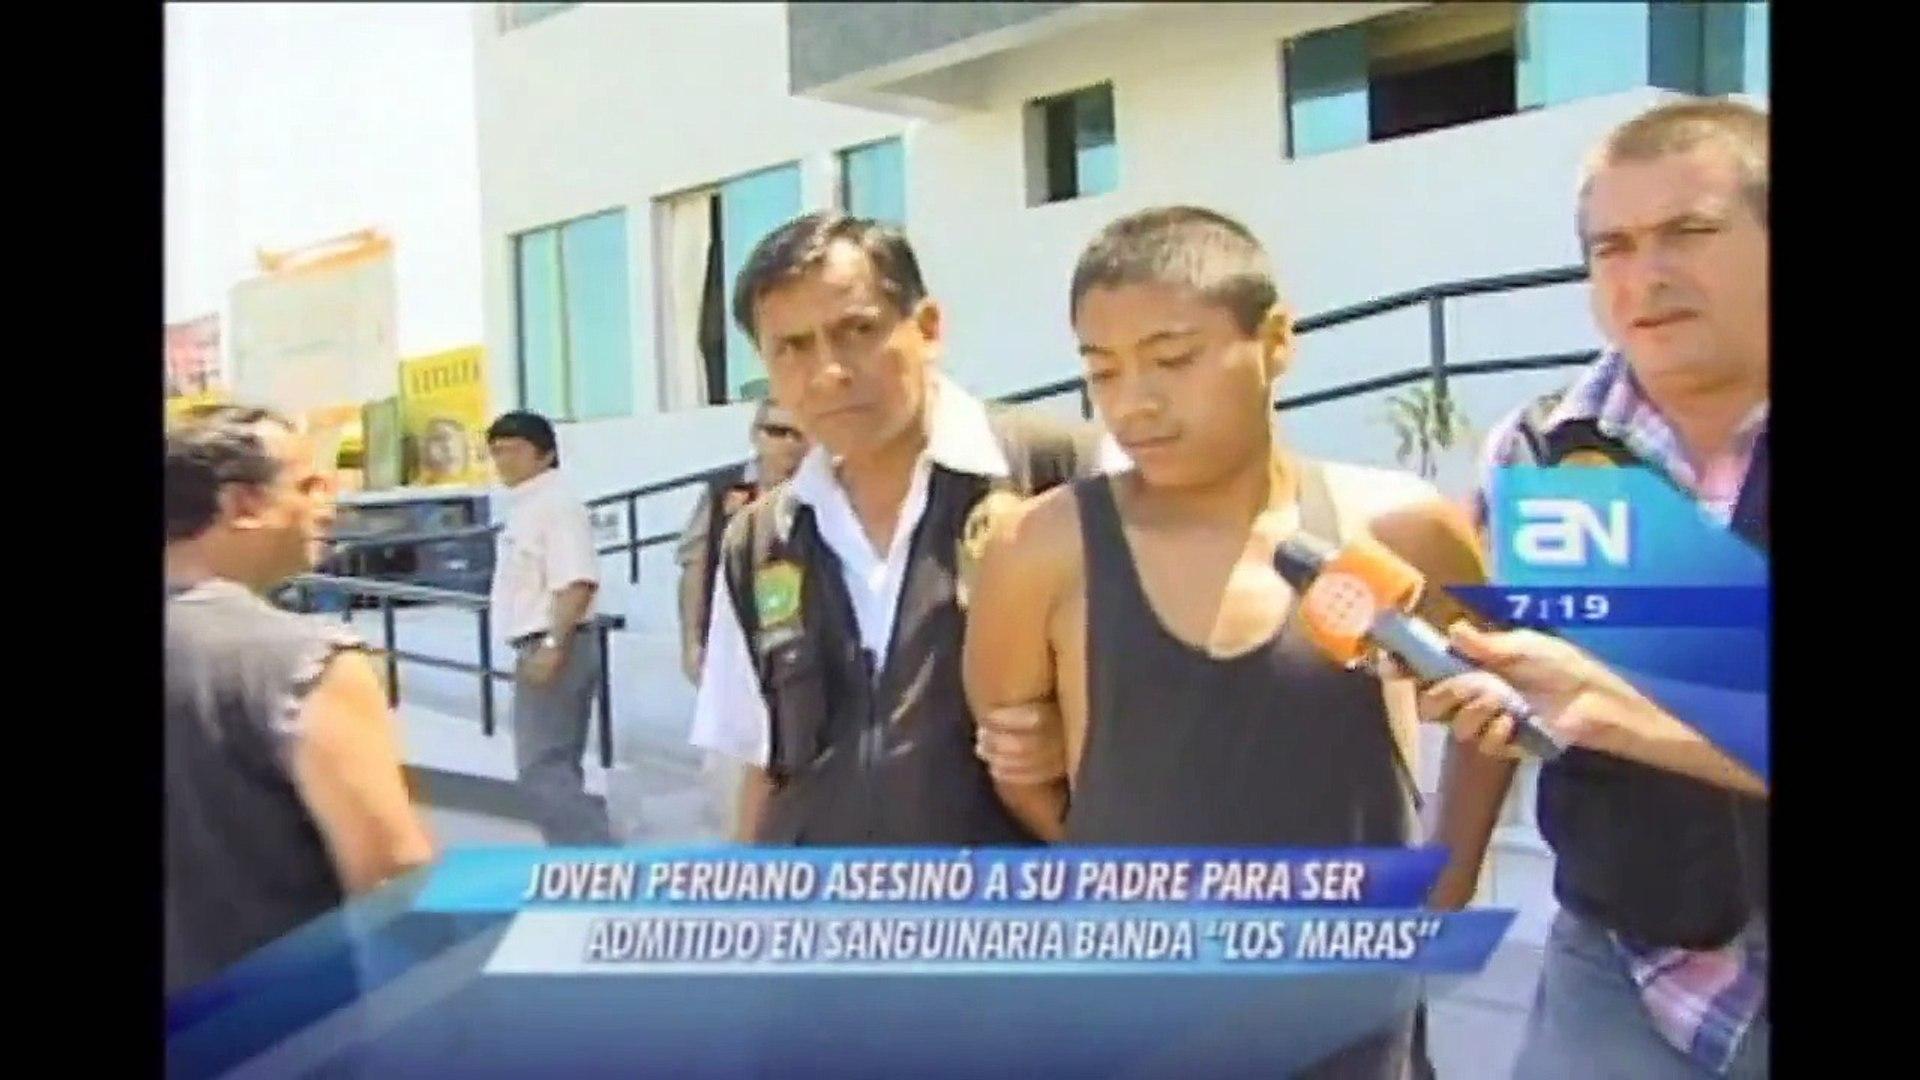 Joven asesinó a su padre para ser admitido en sanguinaria banda 'Los Maras'